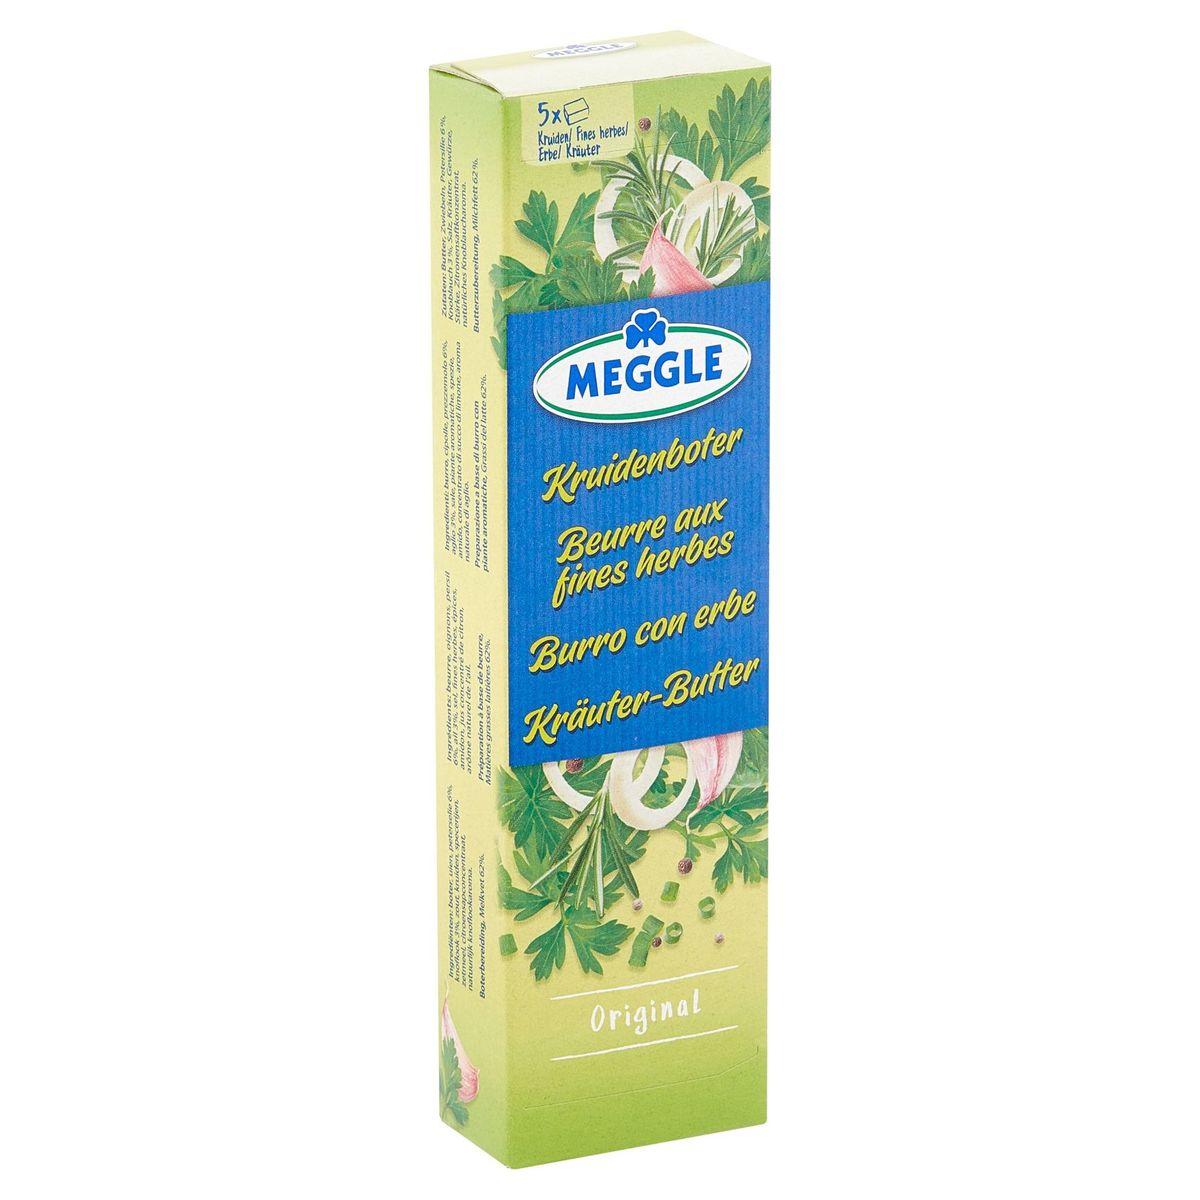 Meggle Kruidenboter Original 5 x 20 g